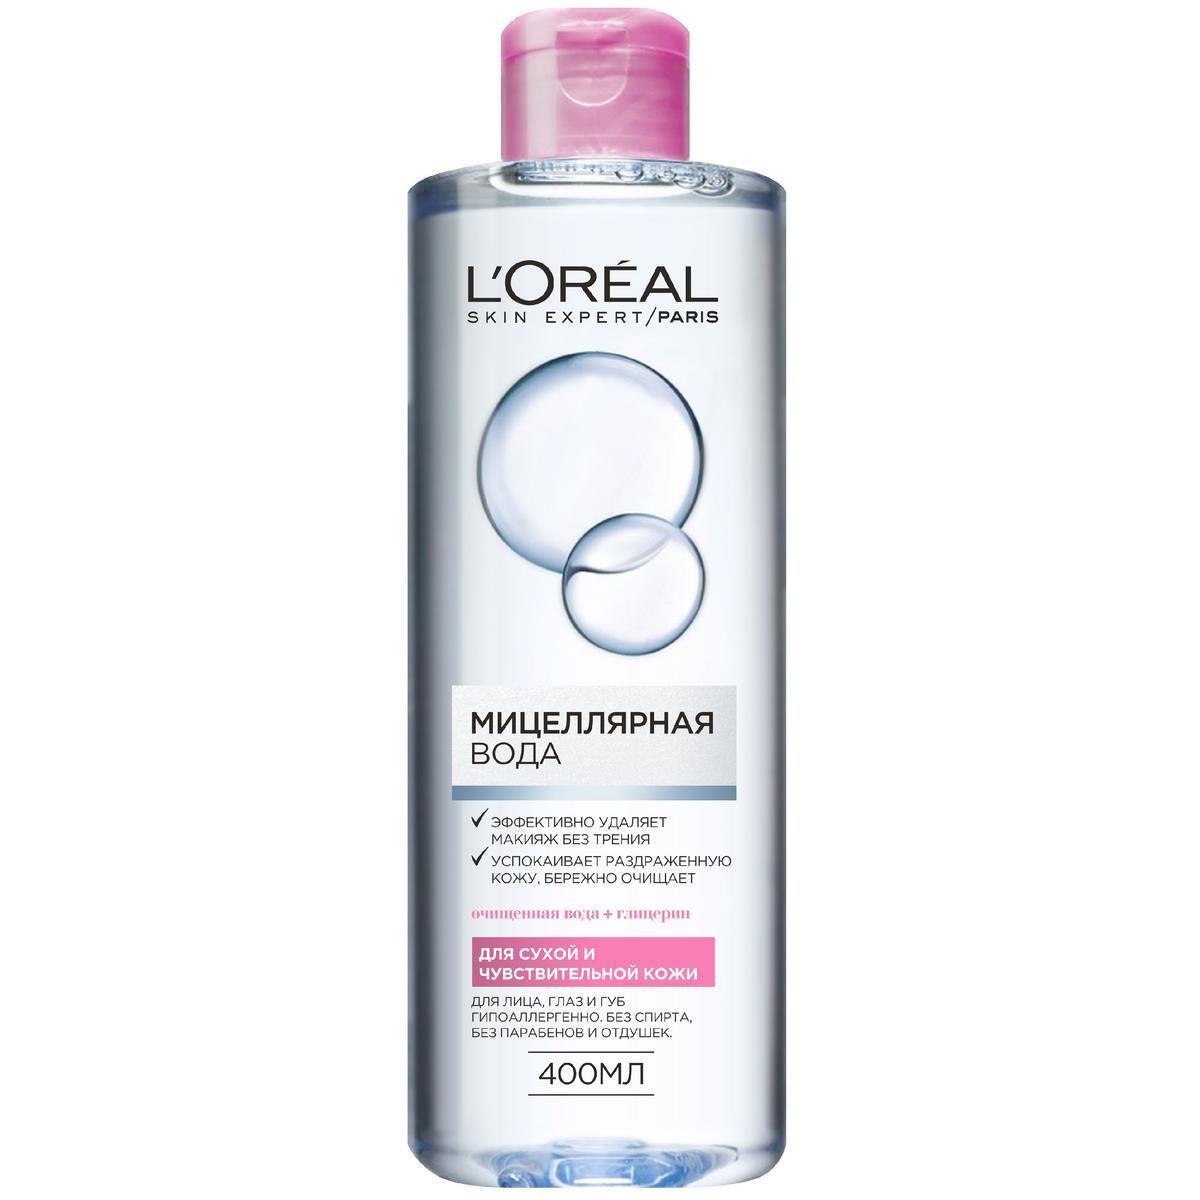 L'Oreal Paris Мицеллярная вода для сухой и чувствительной кожи, 400 мл  #1